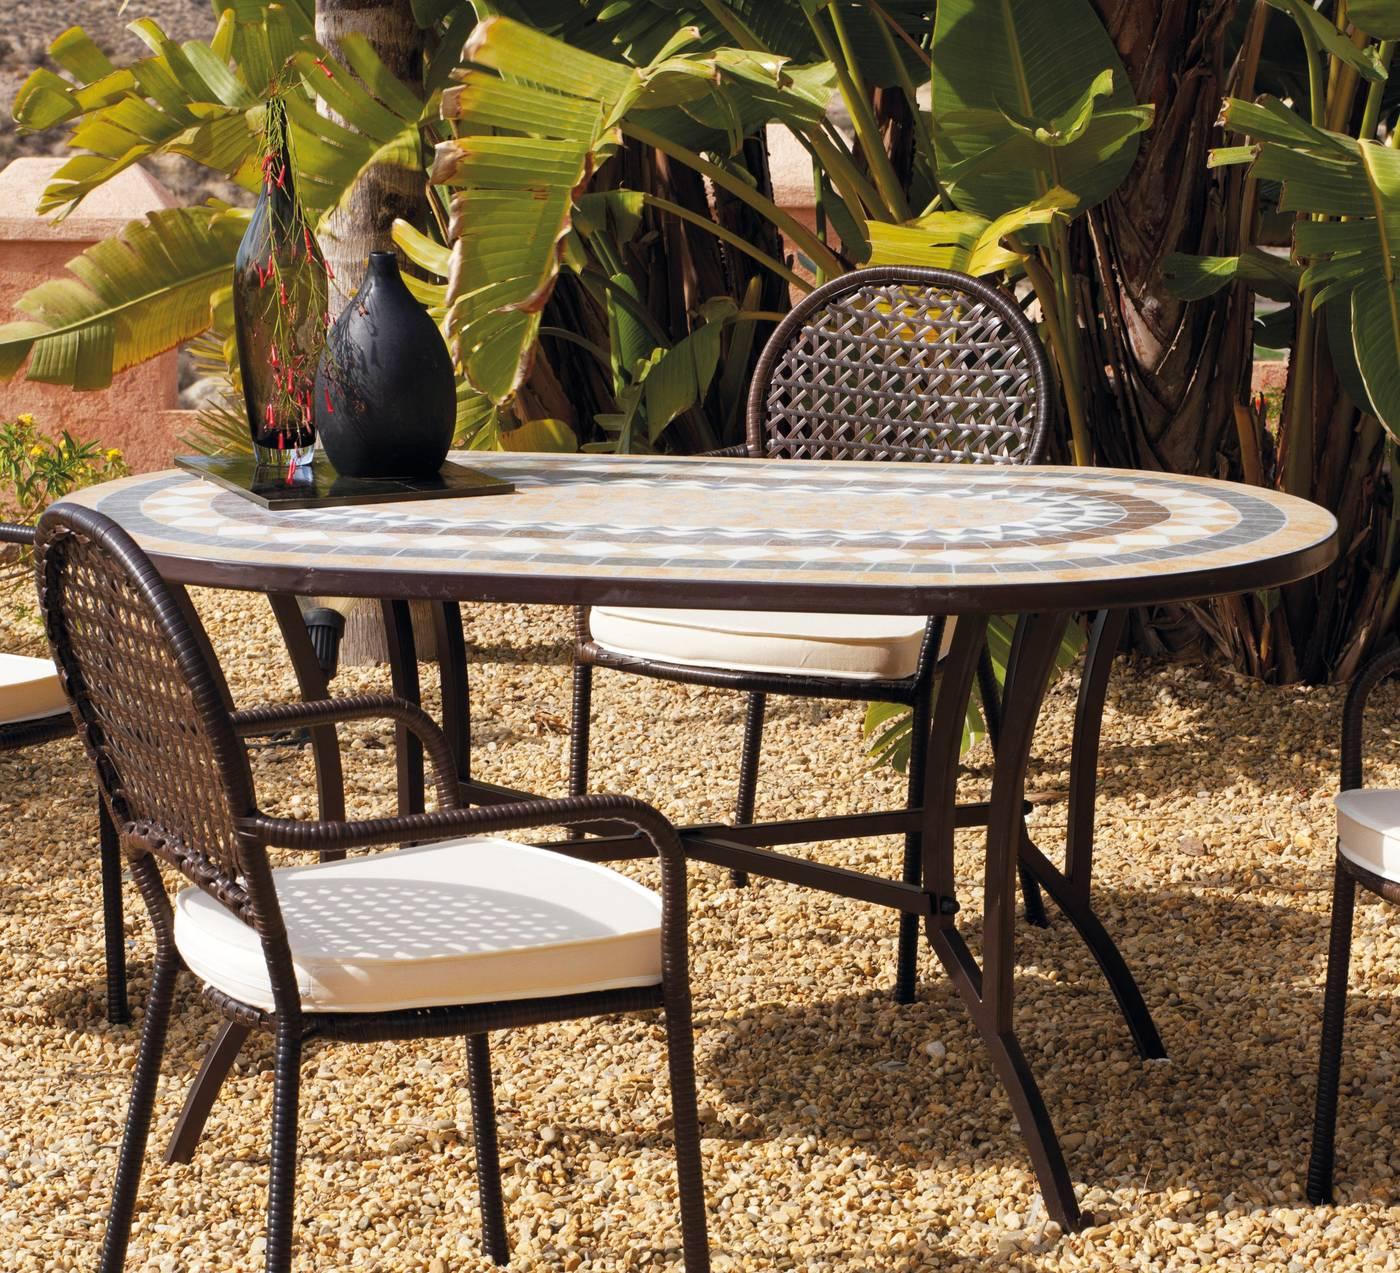 Muebles de jard n de forja con mesa tablero mosaico online for Muebles de forja para jardin